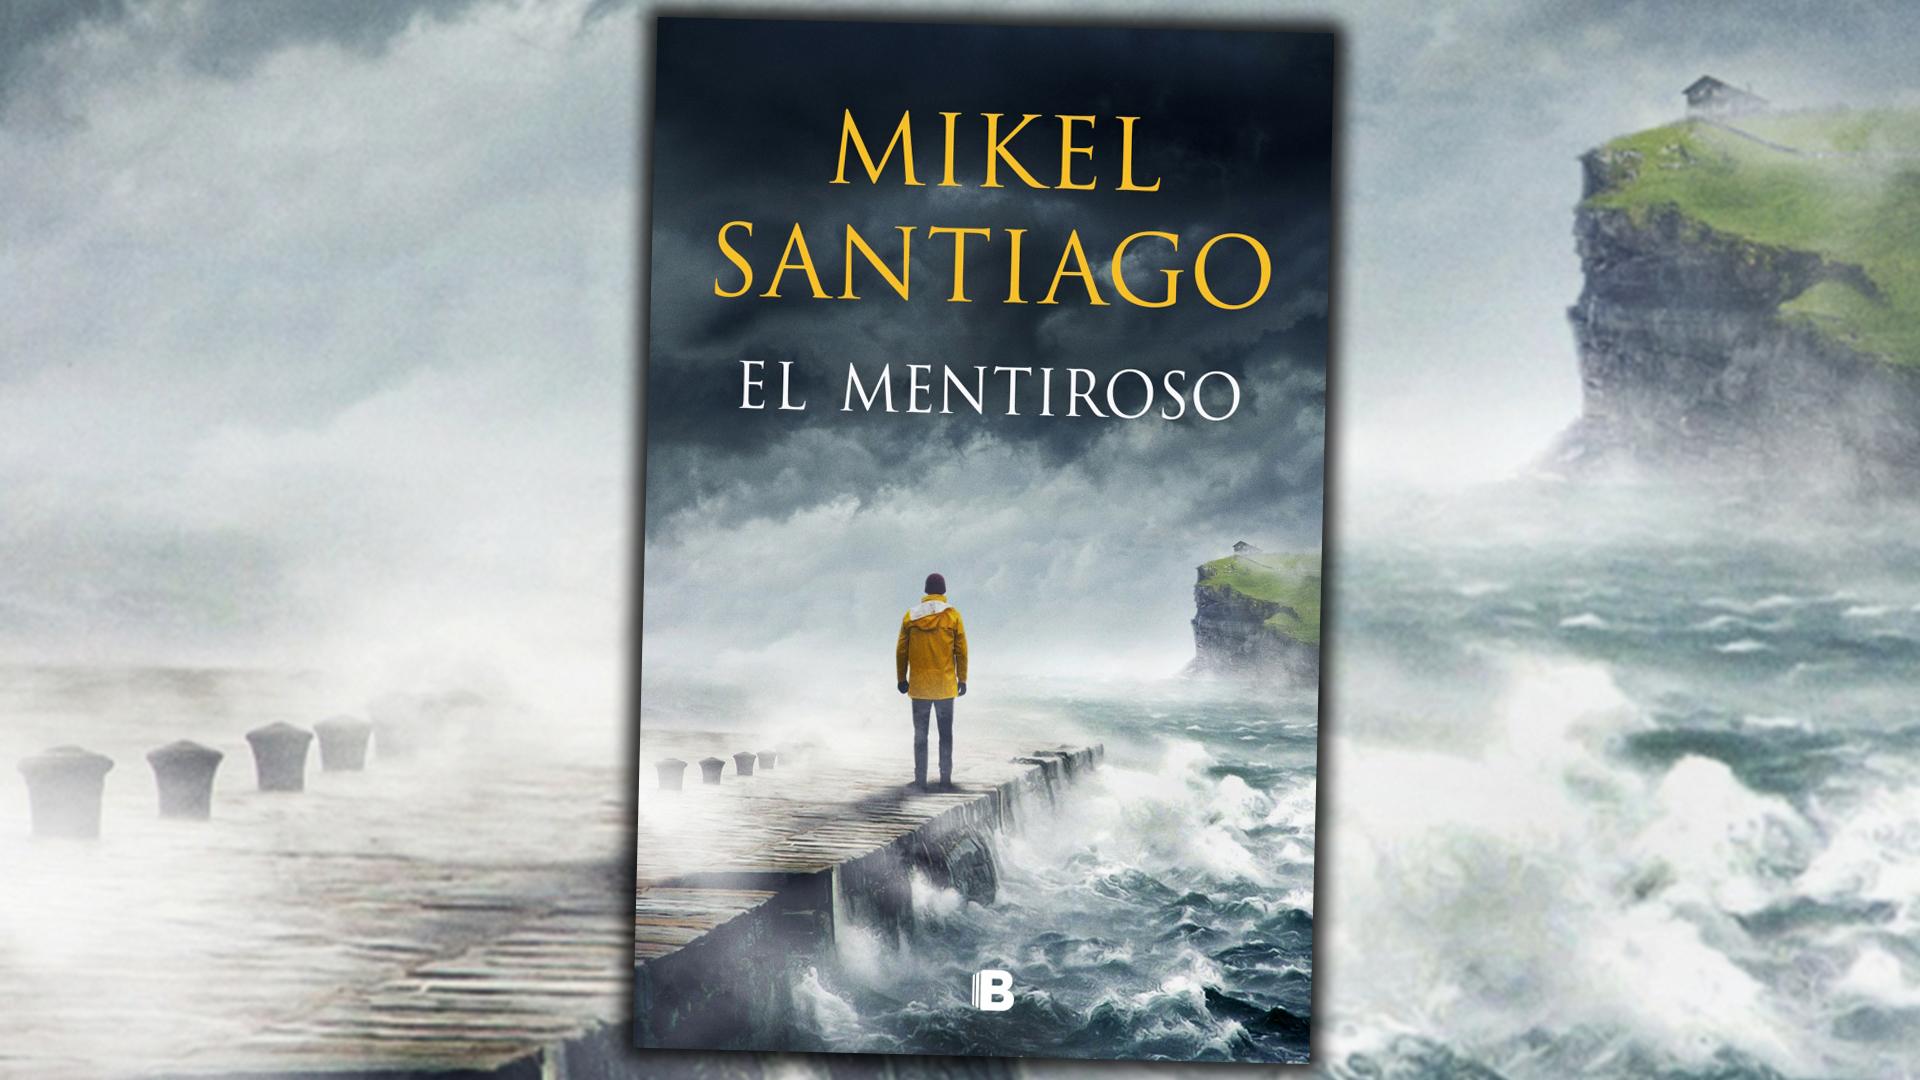 MIKEL SANTIAGO-EL MENTIROSO